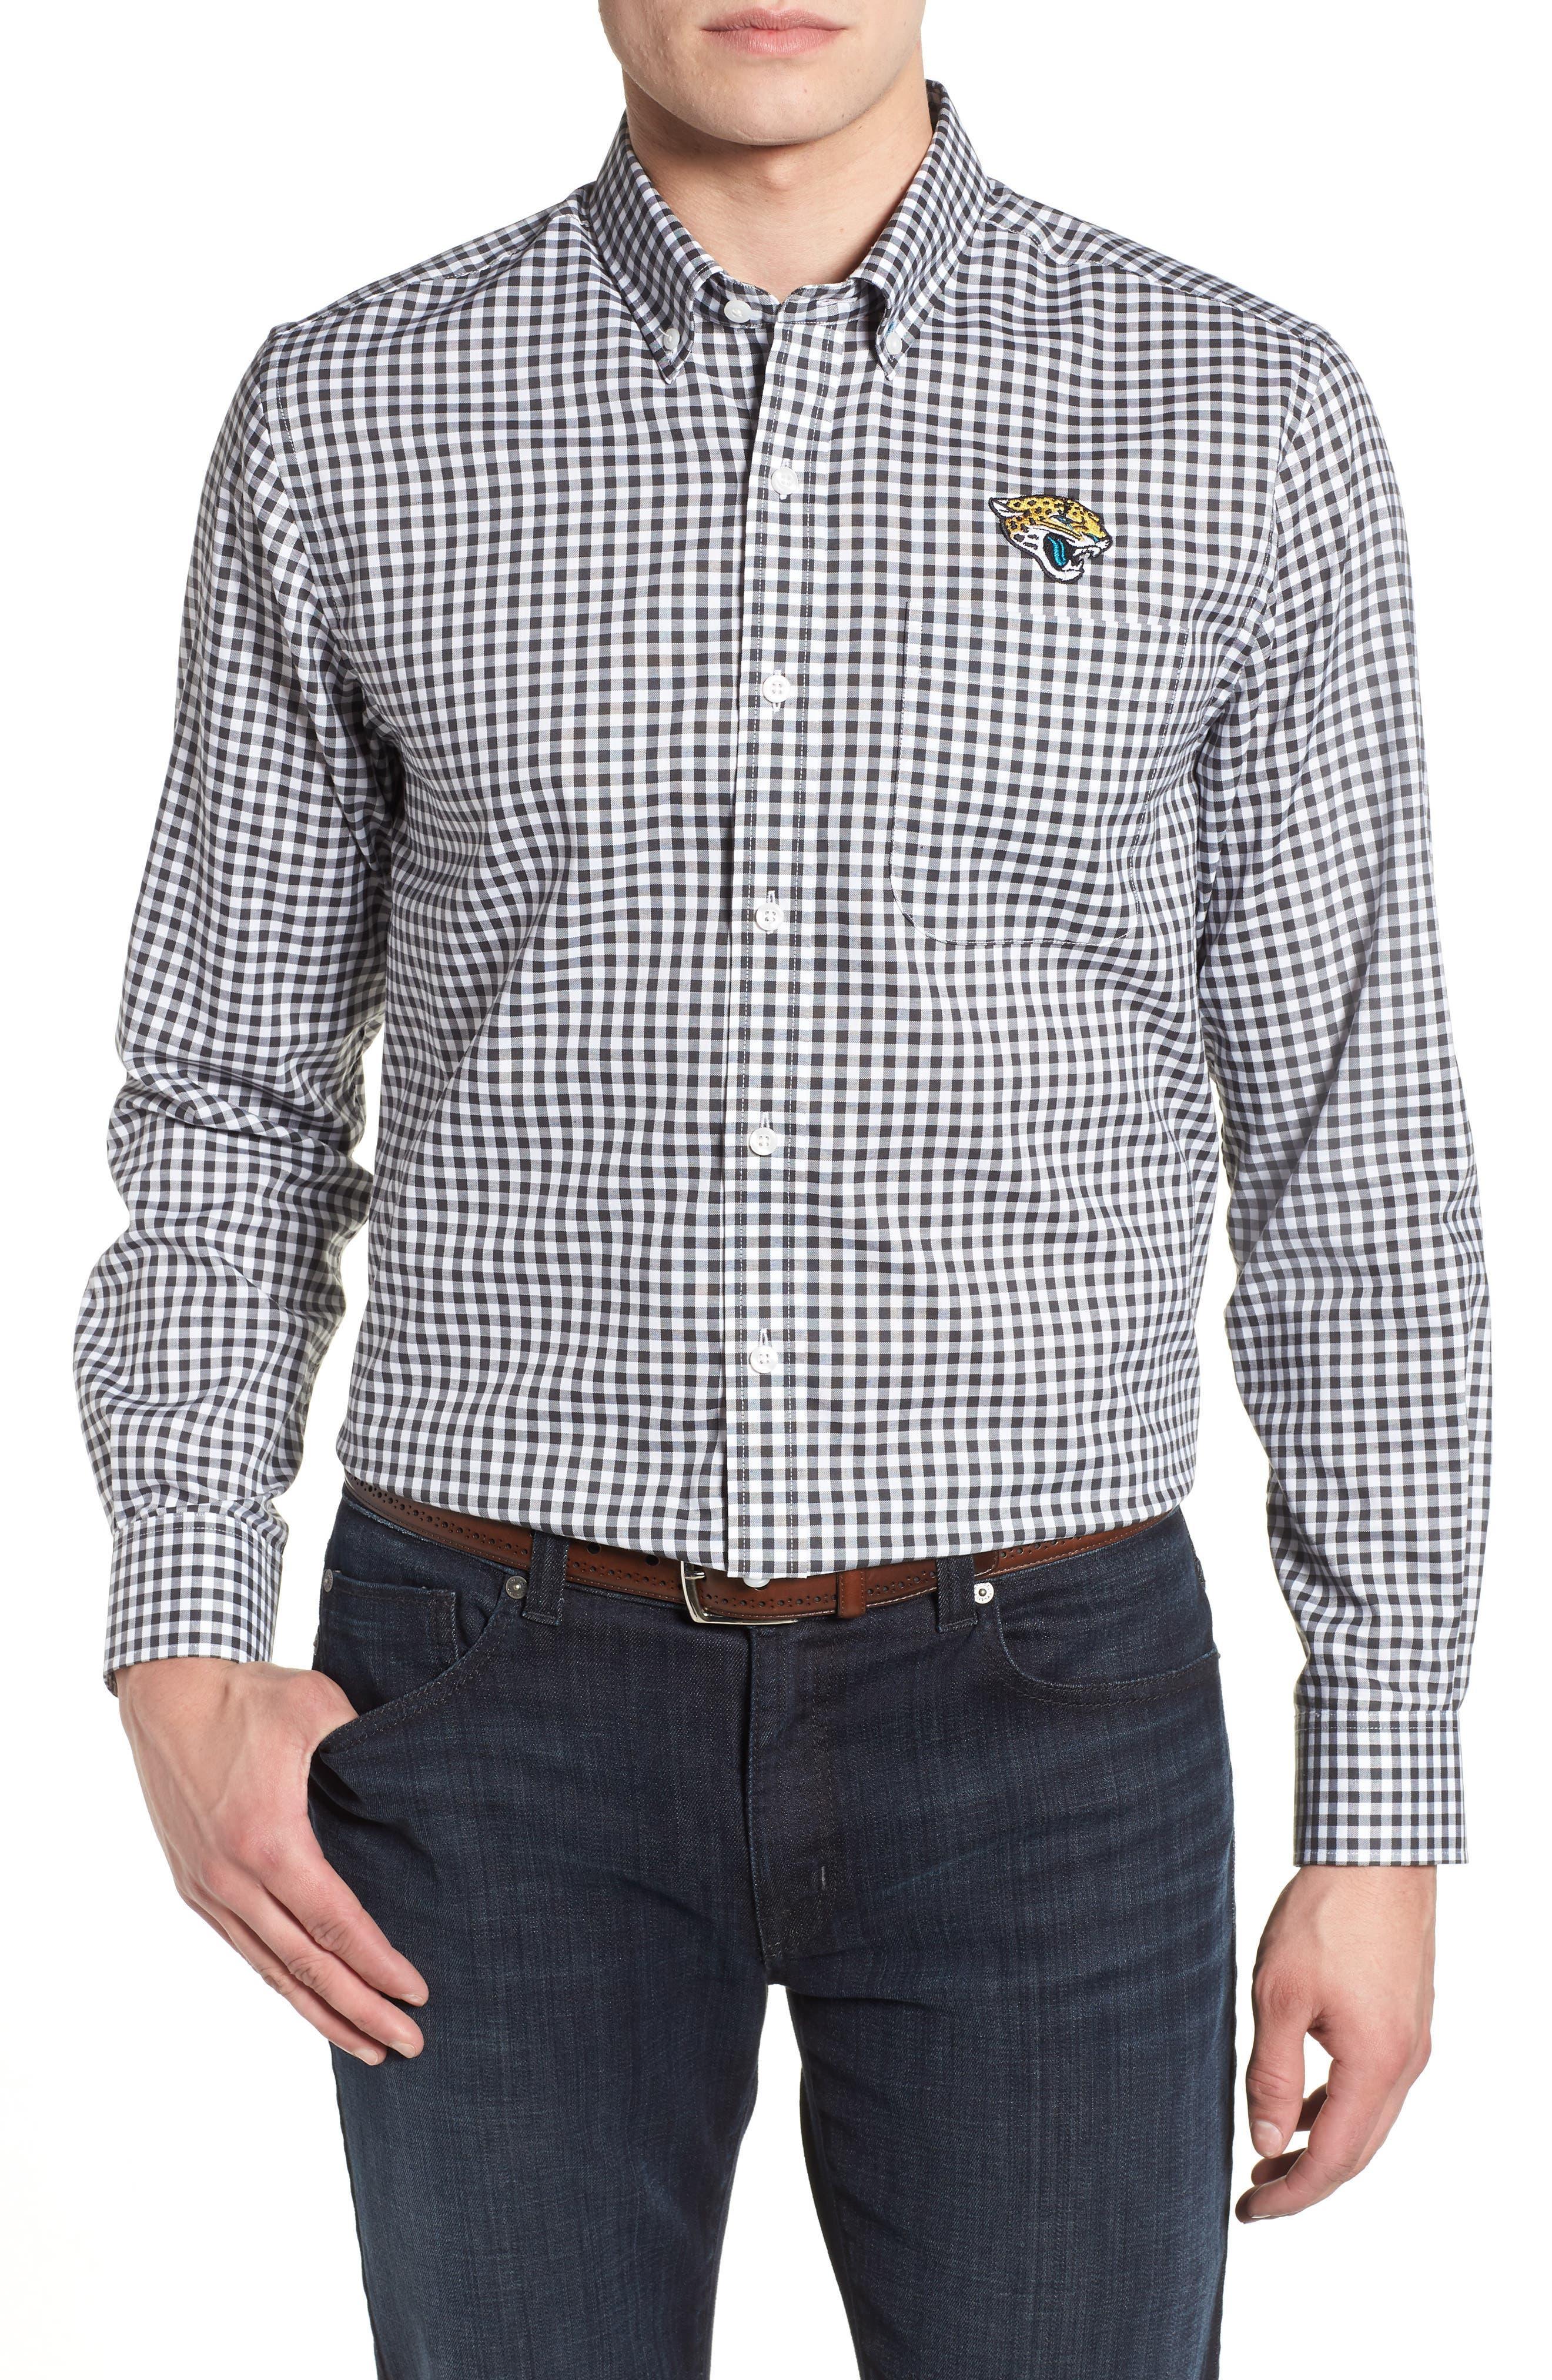 League Jacksonville Jaguars Regular Fit Shirt,                         Main,                         color, CHARCOAL